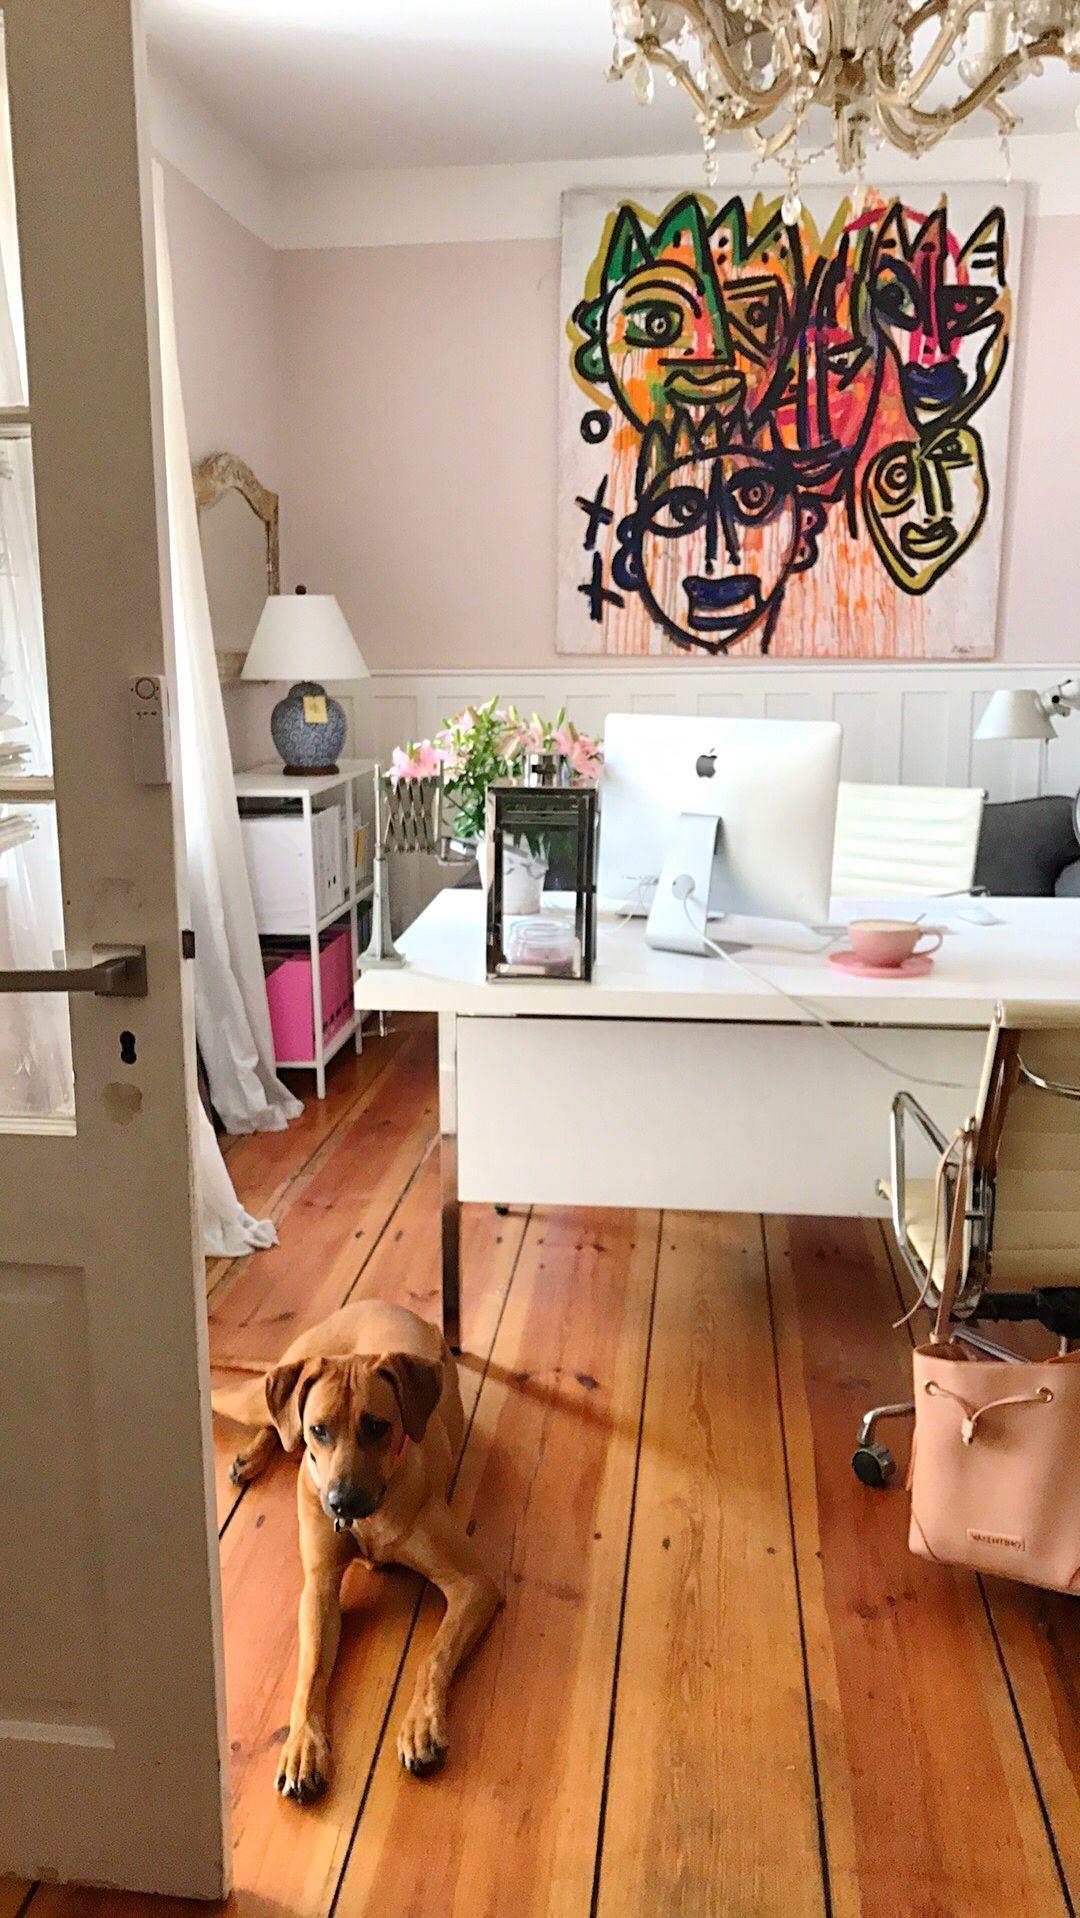 die besten ideen f r die wandgestaltung im arbeitszimmer seite 2. Black Bedroom Furniture Sets. Home Design Ideas